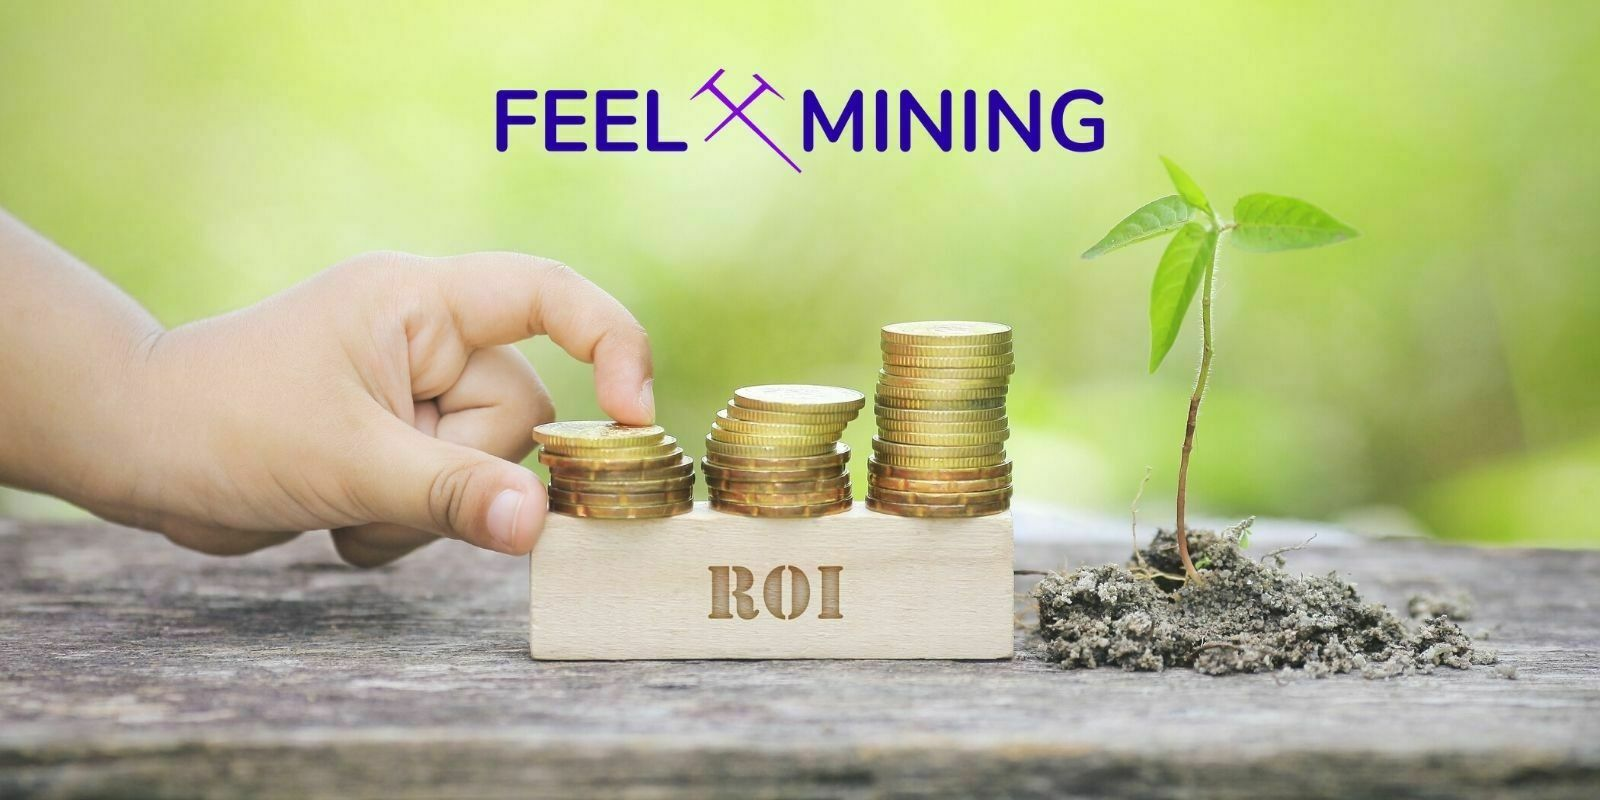 Comment Feel Mining calcule-t-il le ROI de ses masternodes ?